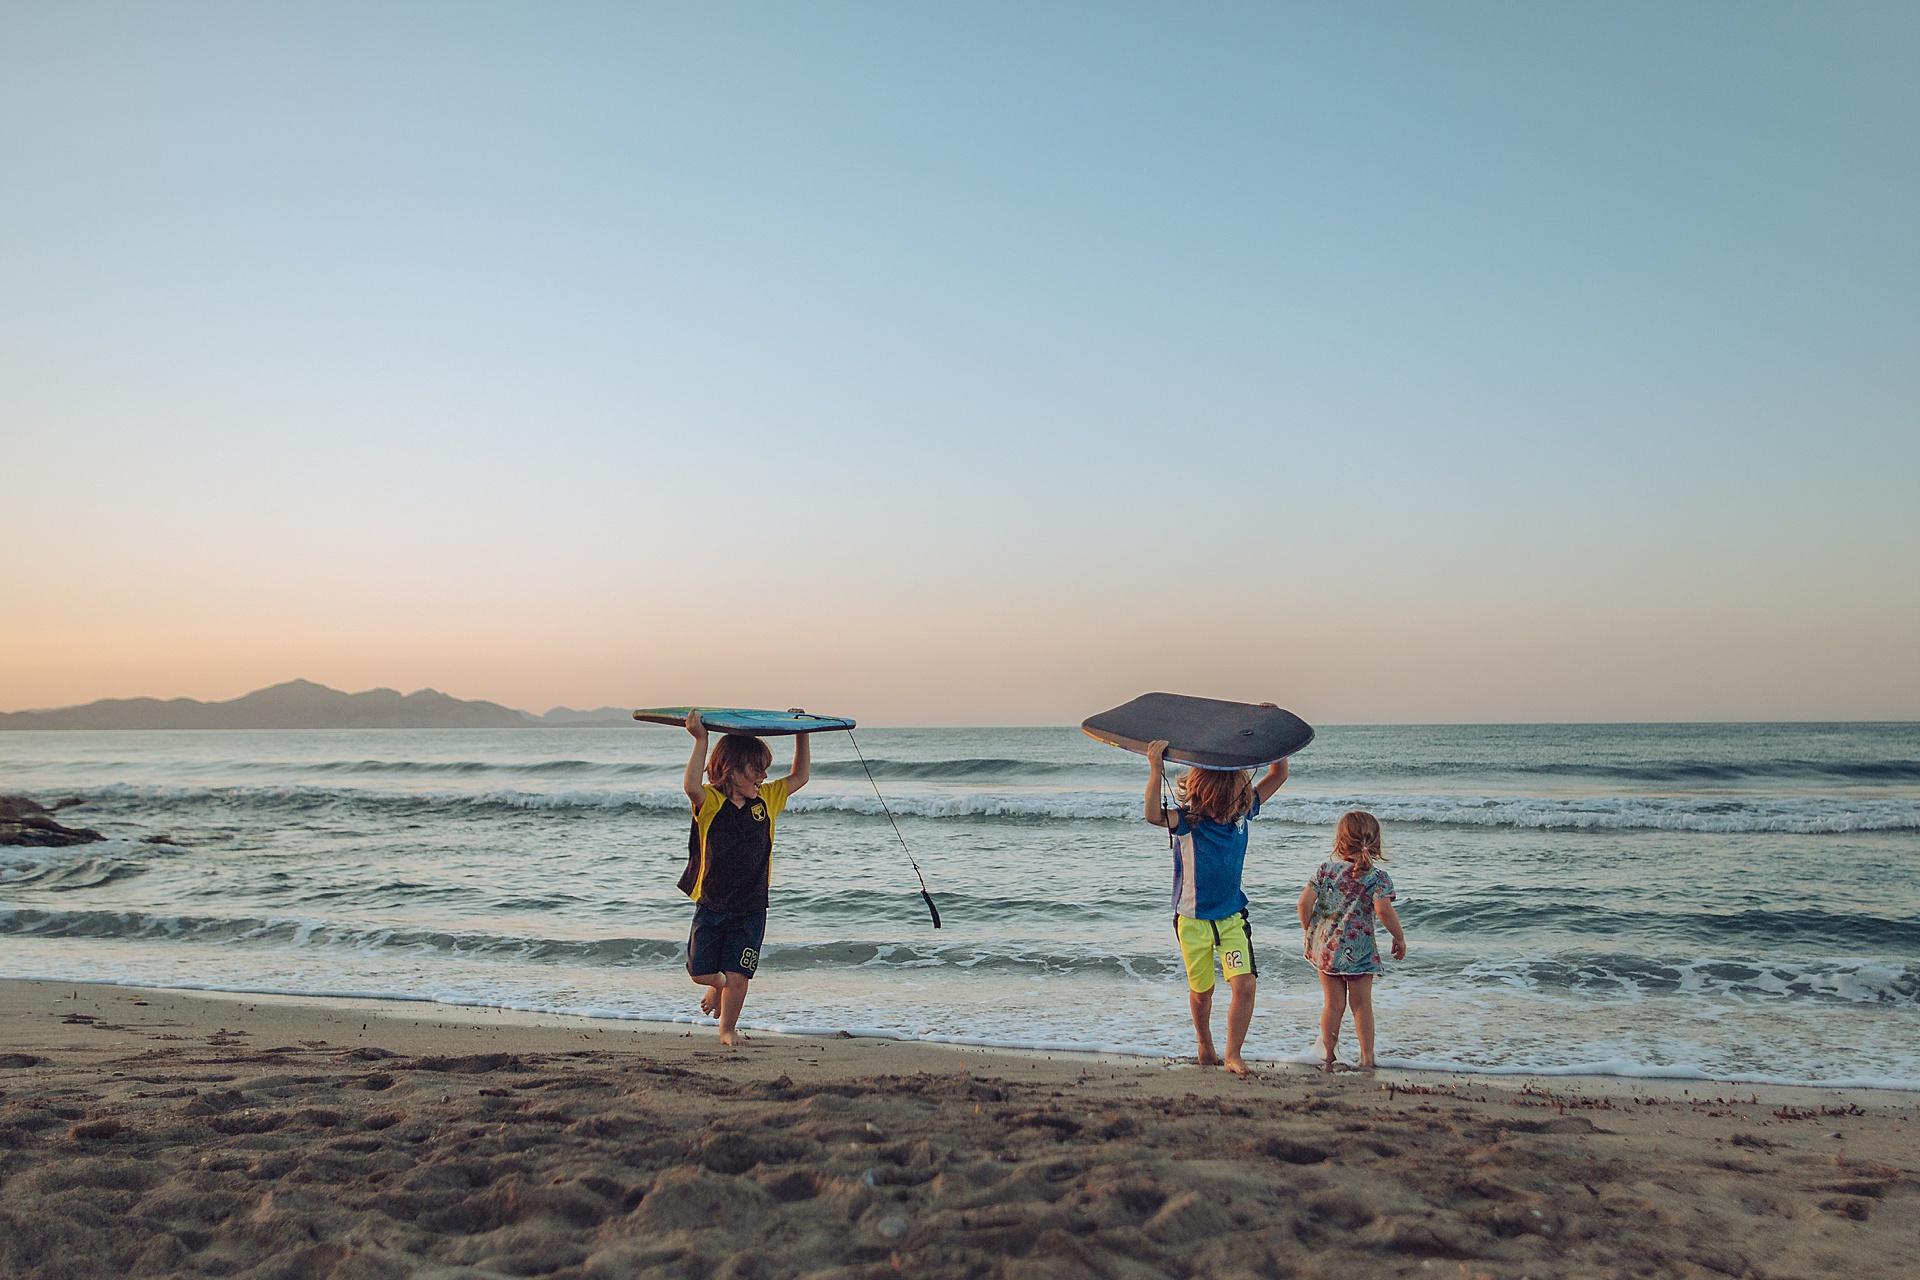 Surferboys - El Sol